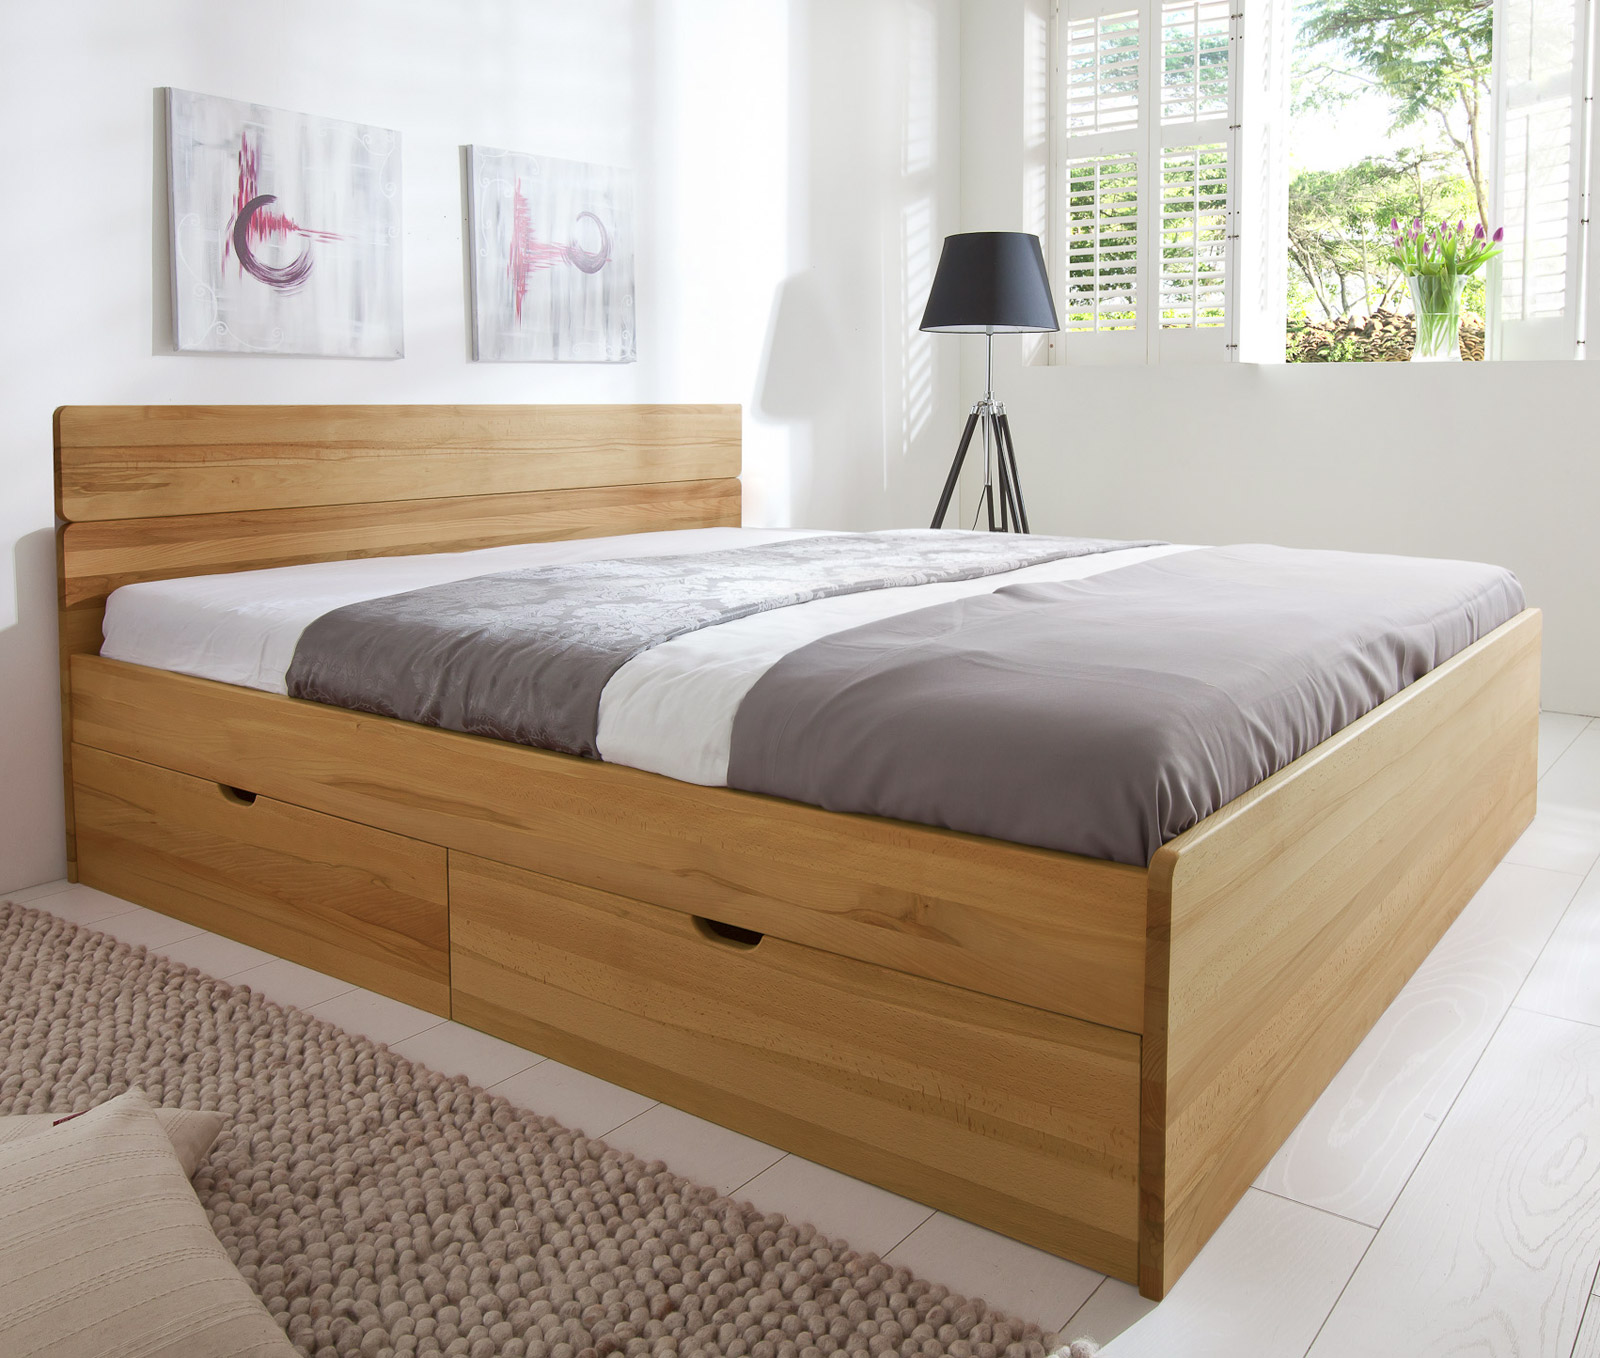 Full Size of Betten Mit Aufbewahrung Ikea 140x200 Bett 160x200 180x200 120x200 Stauraum Malm 90x200 Aufbewahrungstasche Vakuum Aufbewahrungsbeutel Schubksten In Der Gre Bett Betten Mit Aufbewahrung